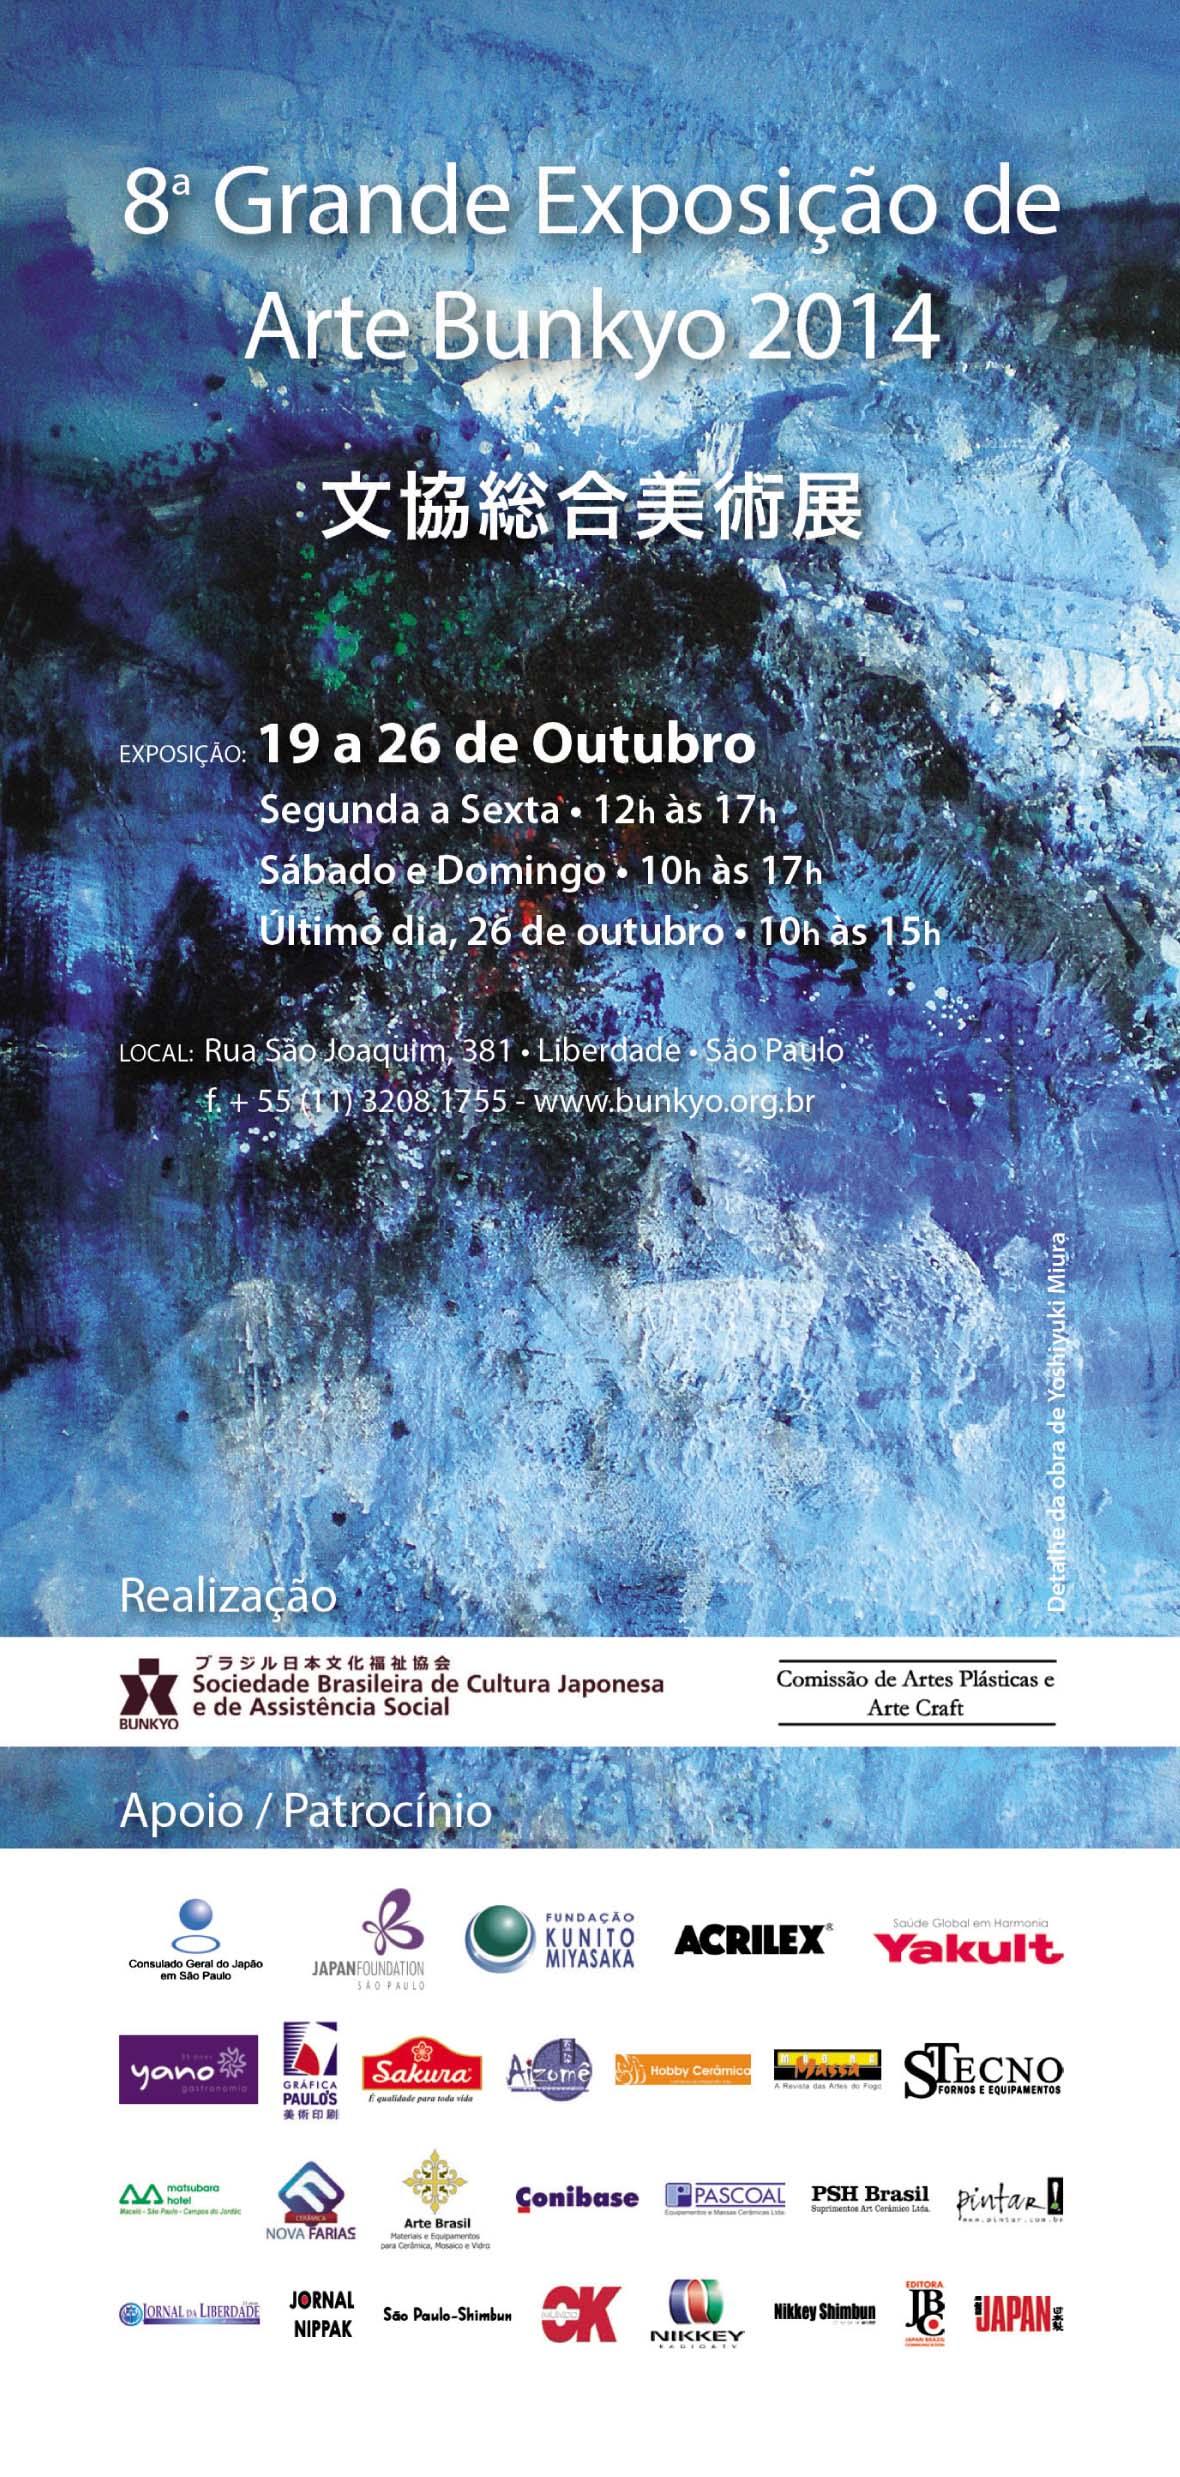 2014-gde-expo-arte-bunkyo-flyer